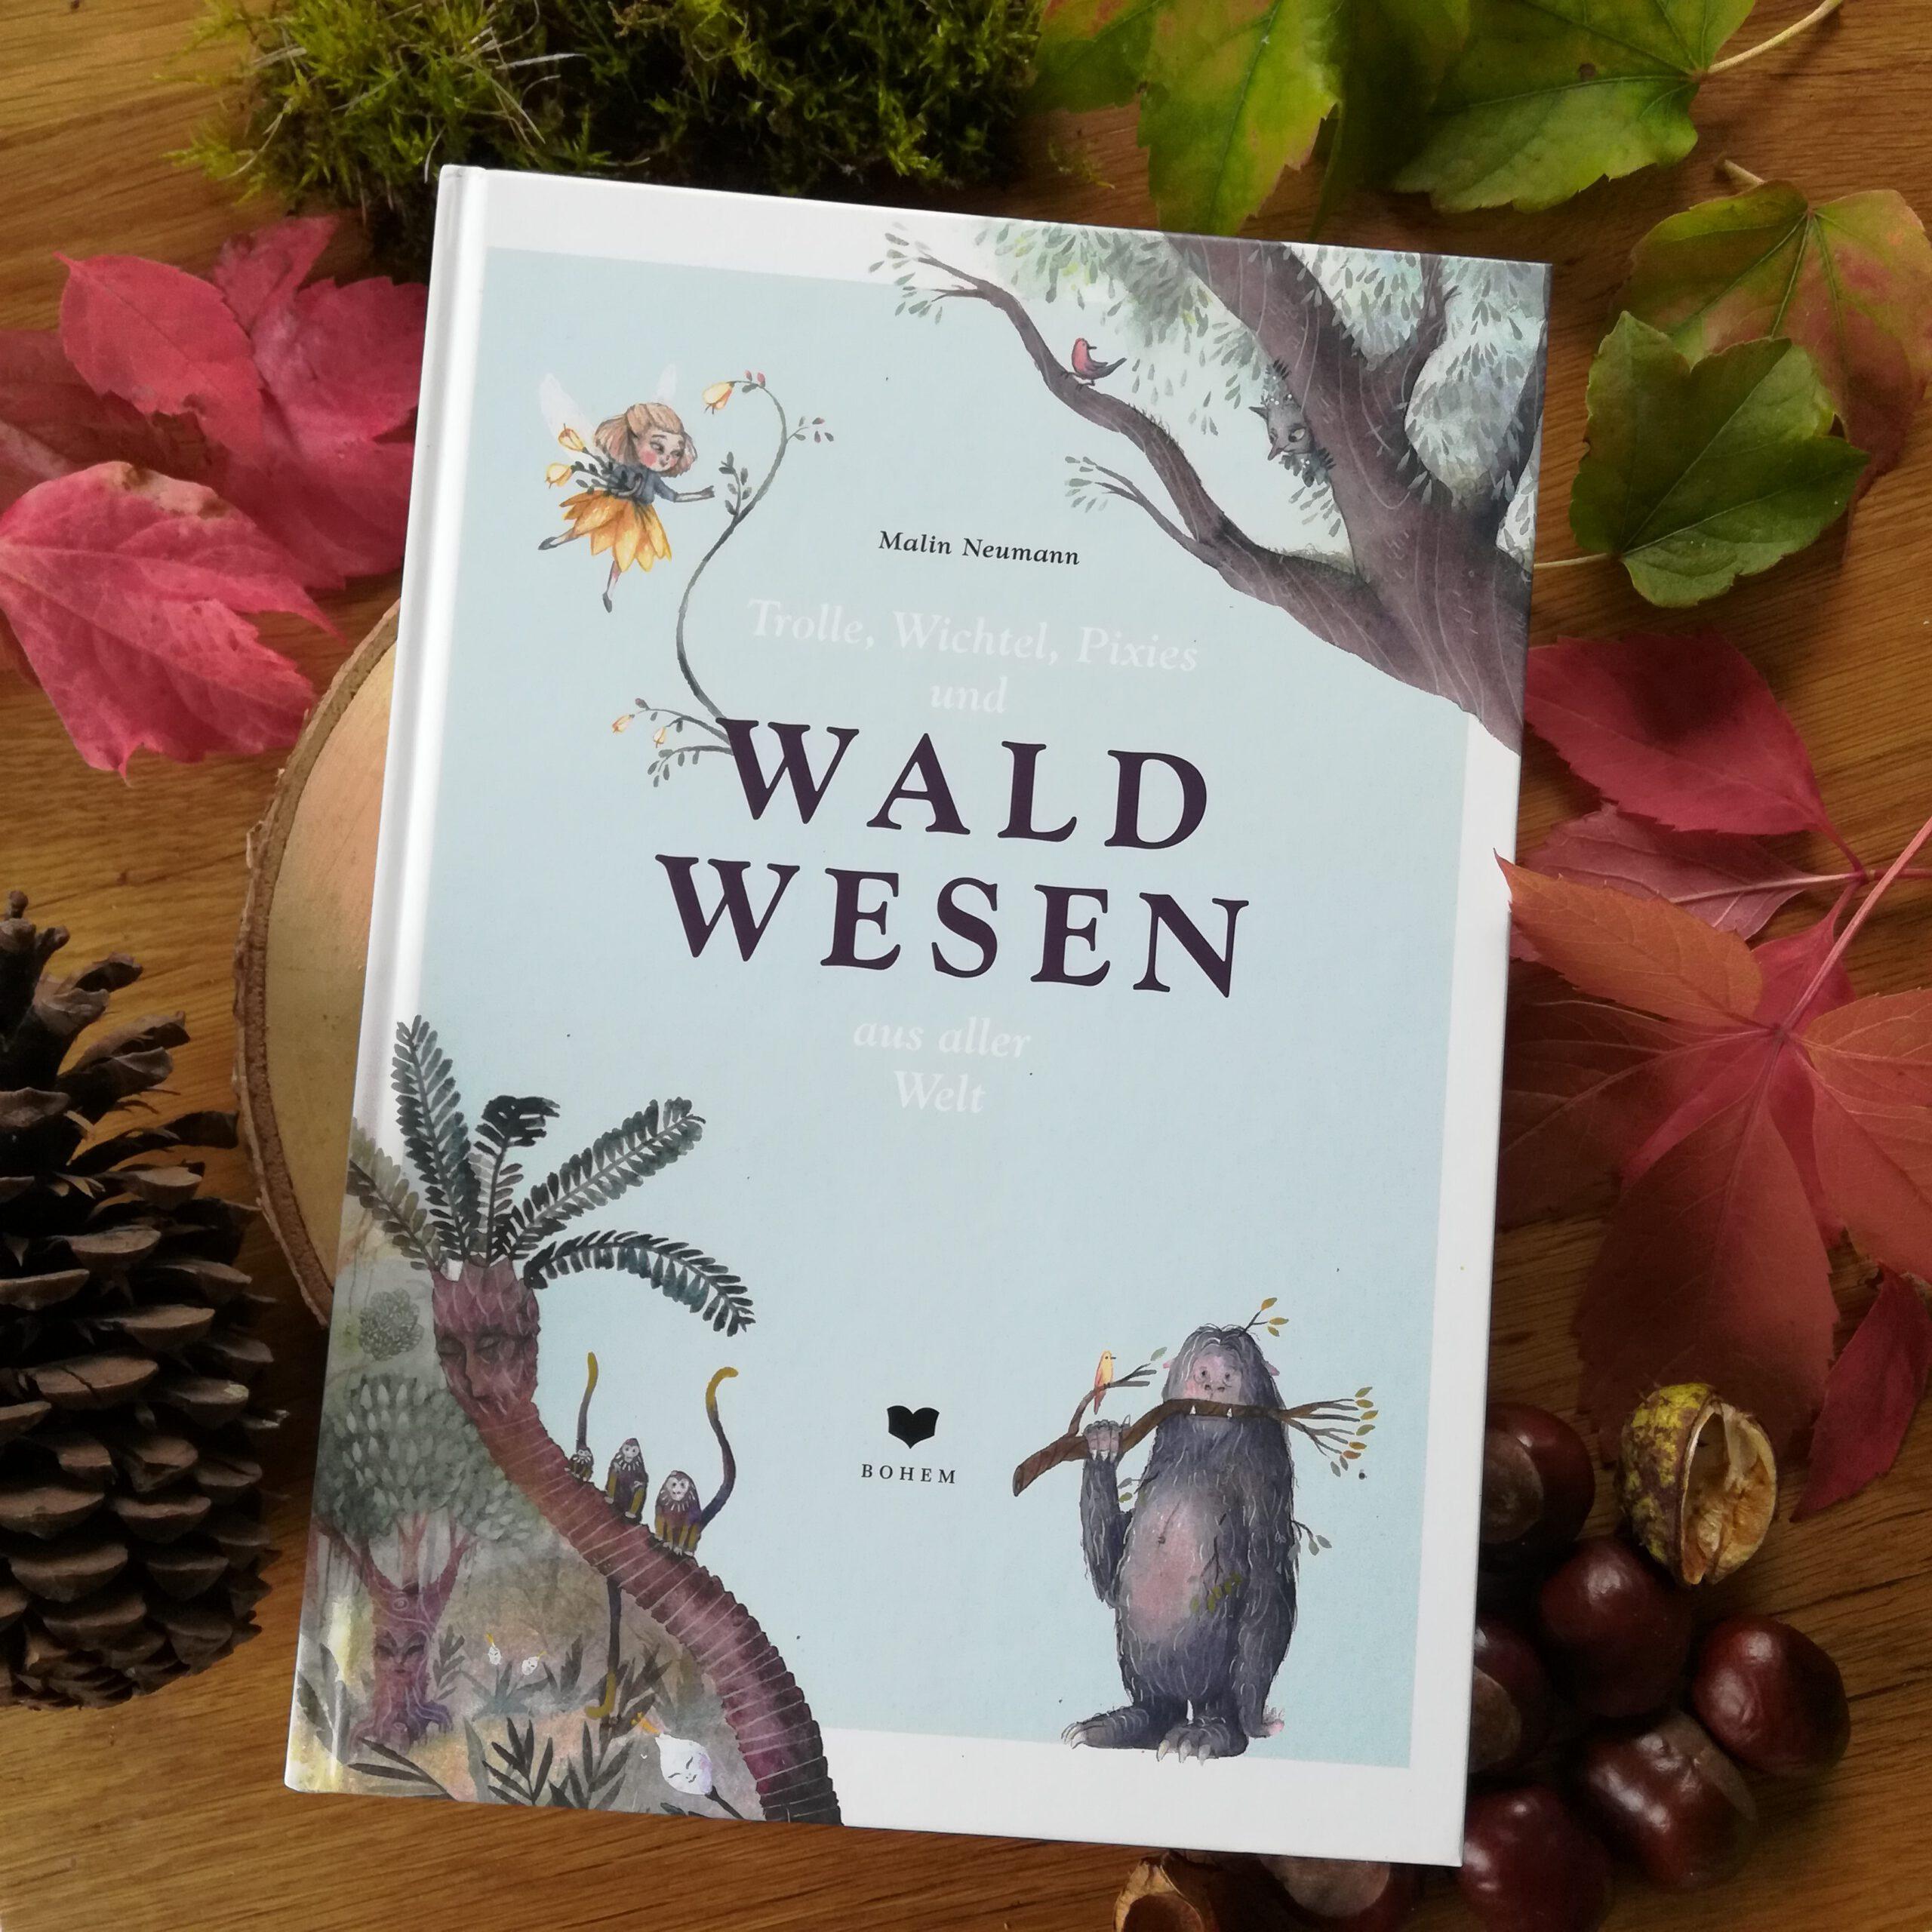 """""""Trolle, Wichtel, Pixies und Waldwesen aus aller Welt"""" – Malin Neumann"""